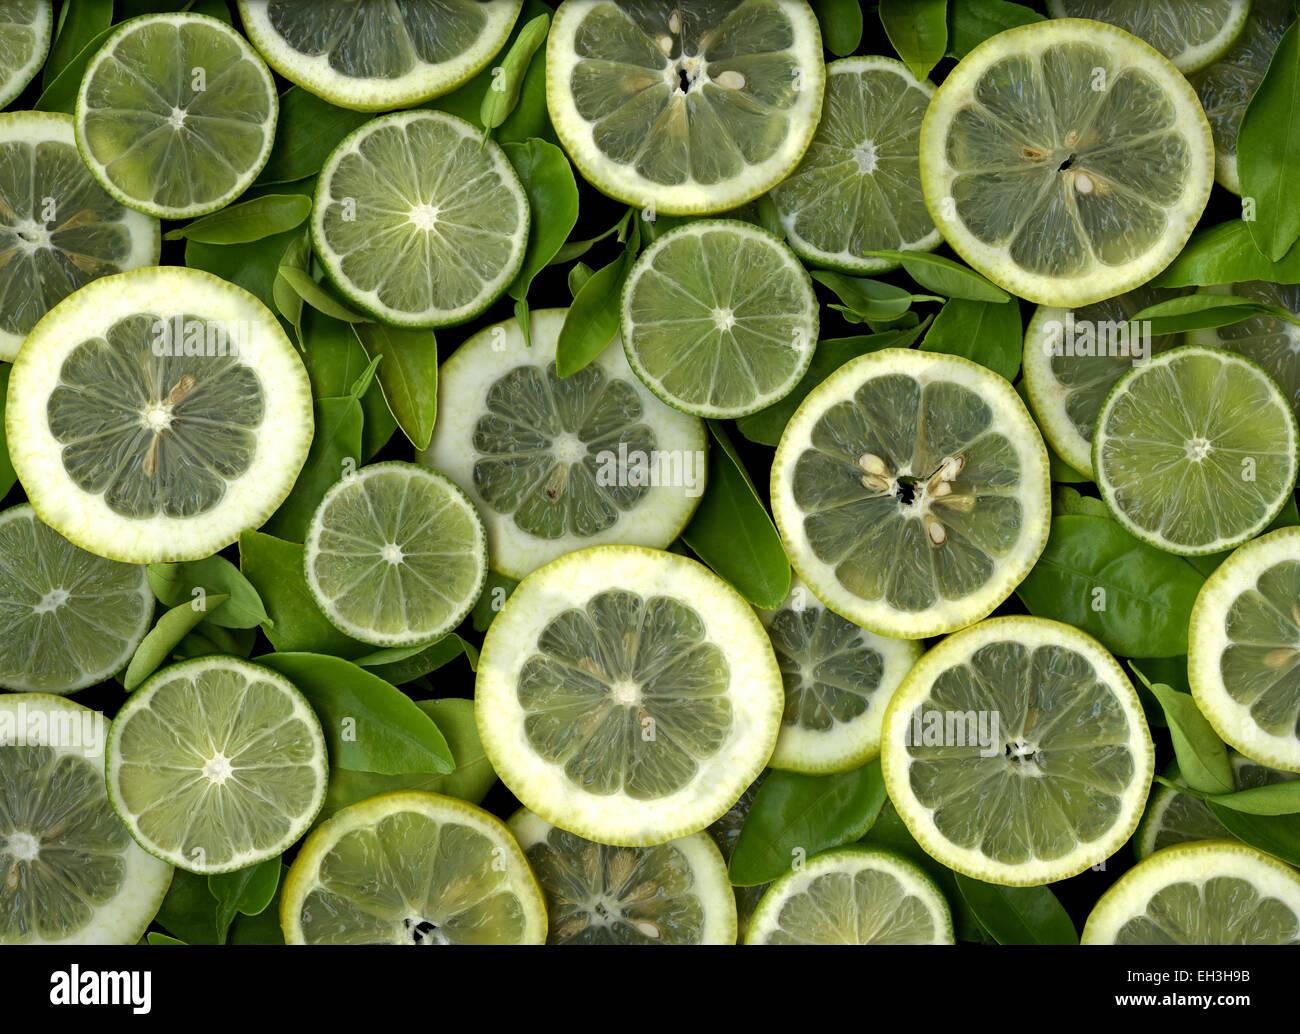 Bunte Scheiben Zitronen und Limetten Stockbild